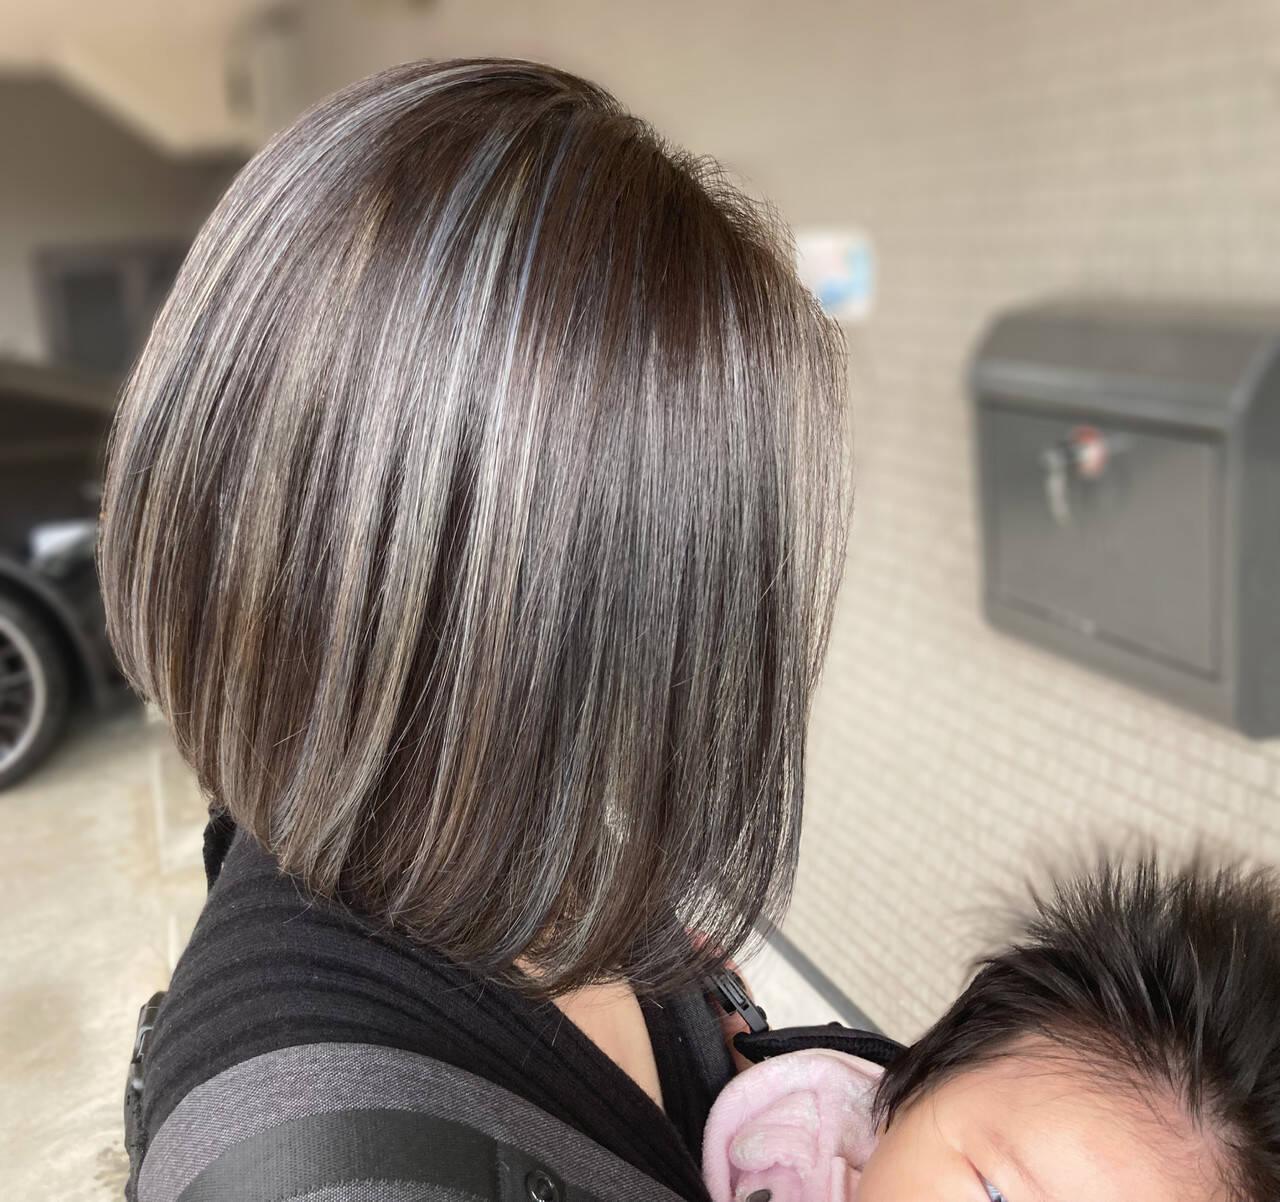 グレージュ ストリート ミルクティーベージュ ミディアムヘアスタイルや髪型の写真・画像